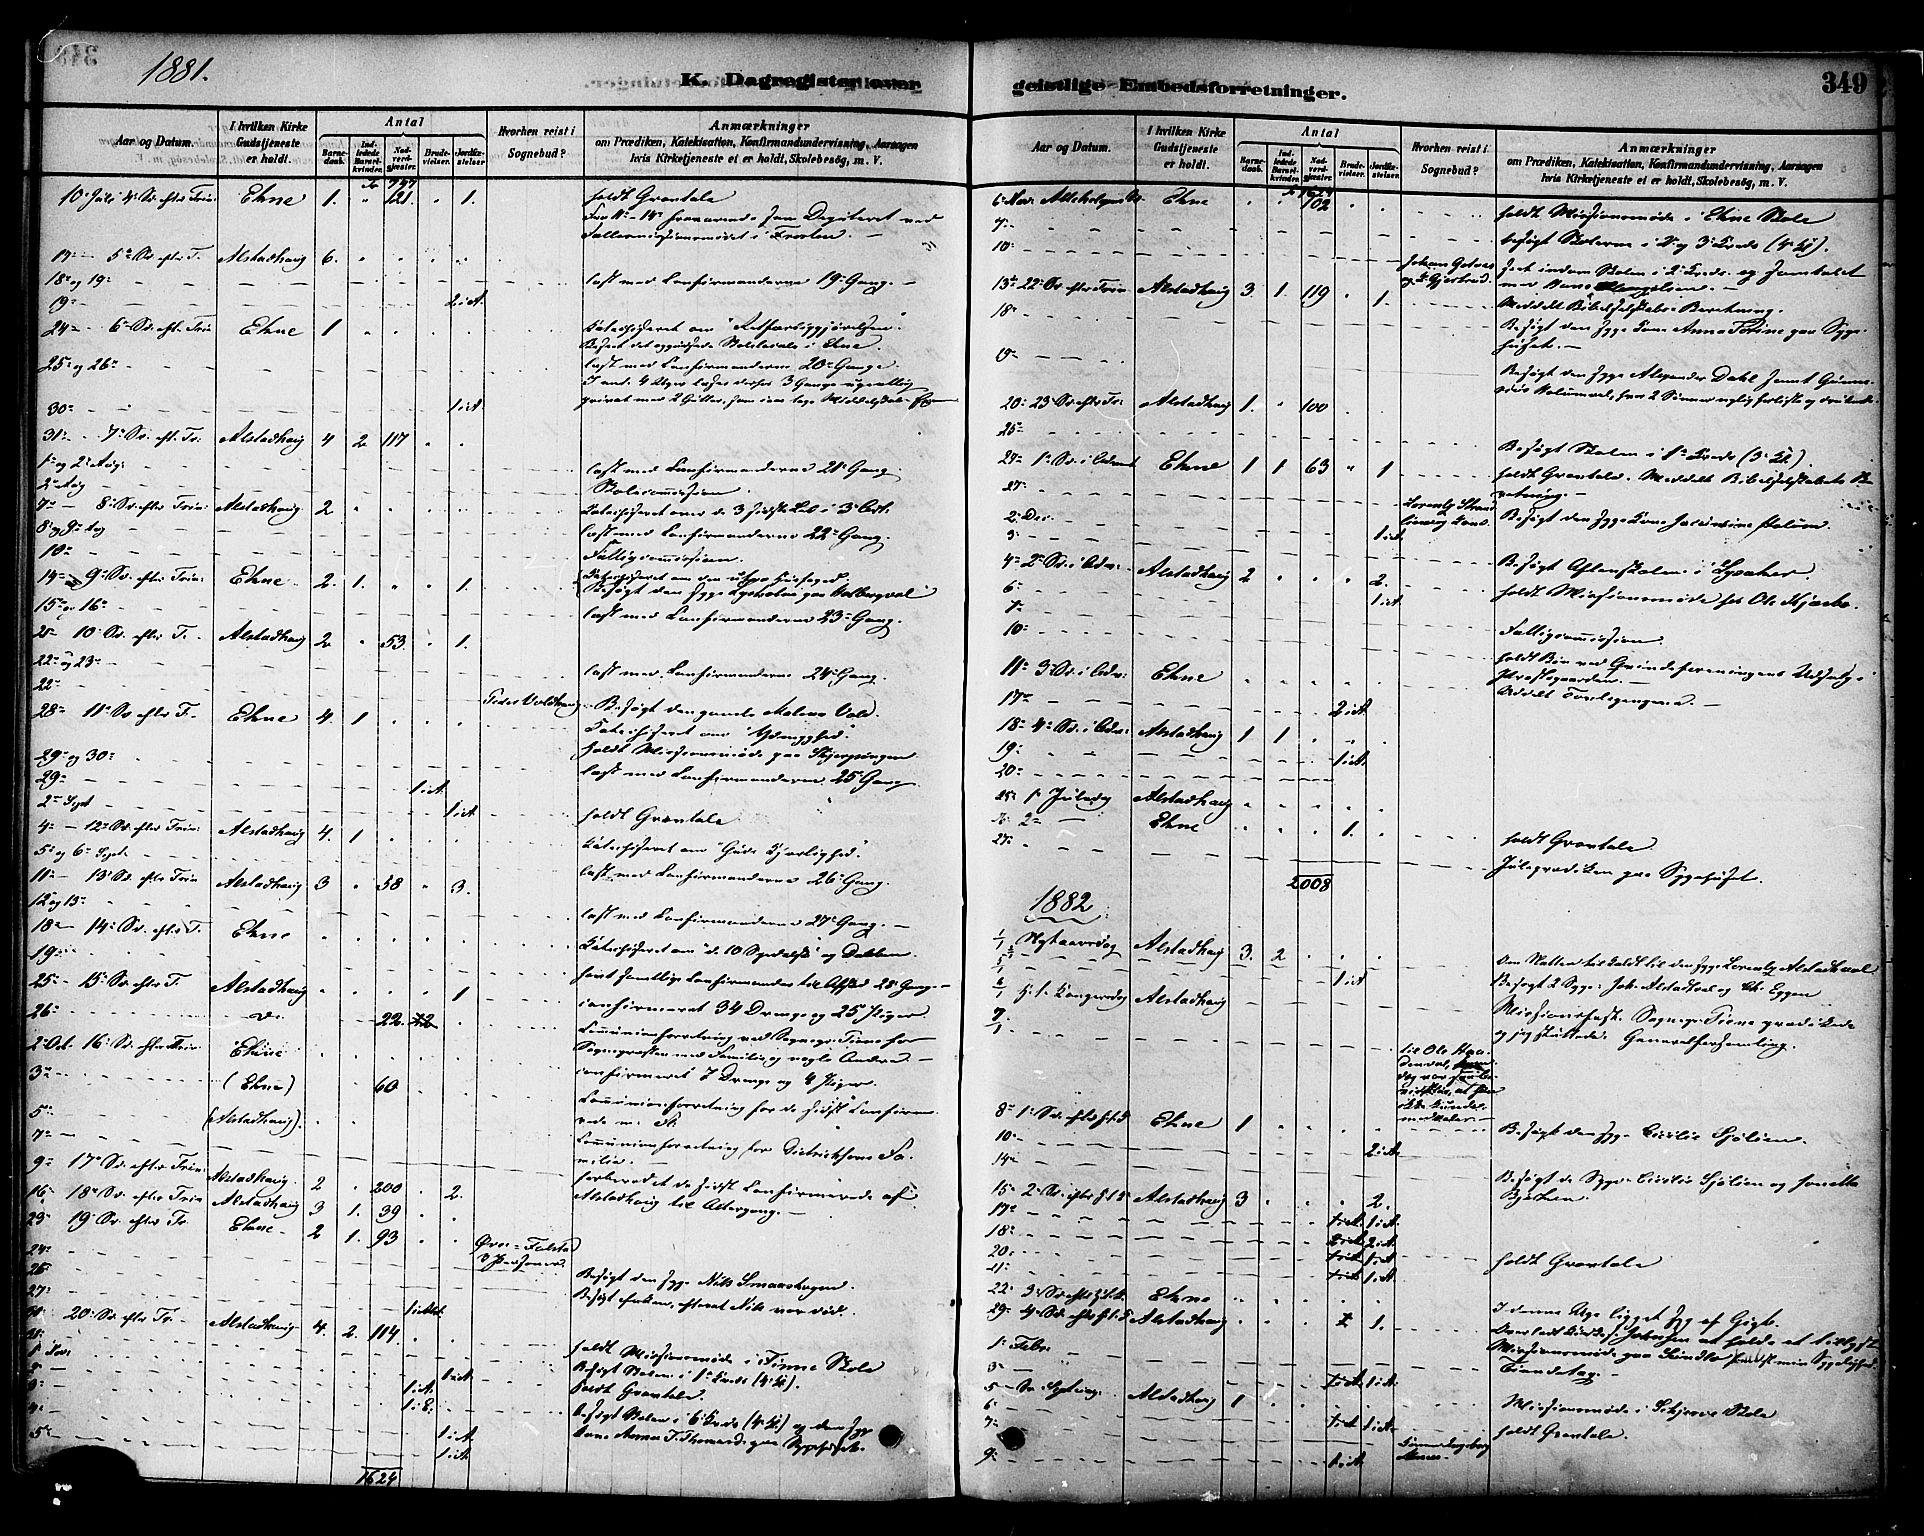 SAT, Ministerialprotokoller, klokkerbøker og fødselsregistre - Nord-Trøndelag, 717/L0159: Ministerialbok nr. 717A09, 1878-1898, s. 349